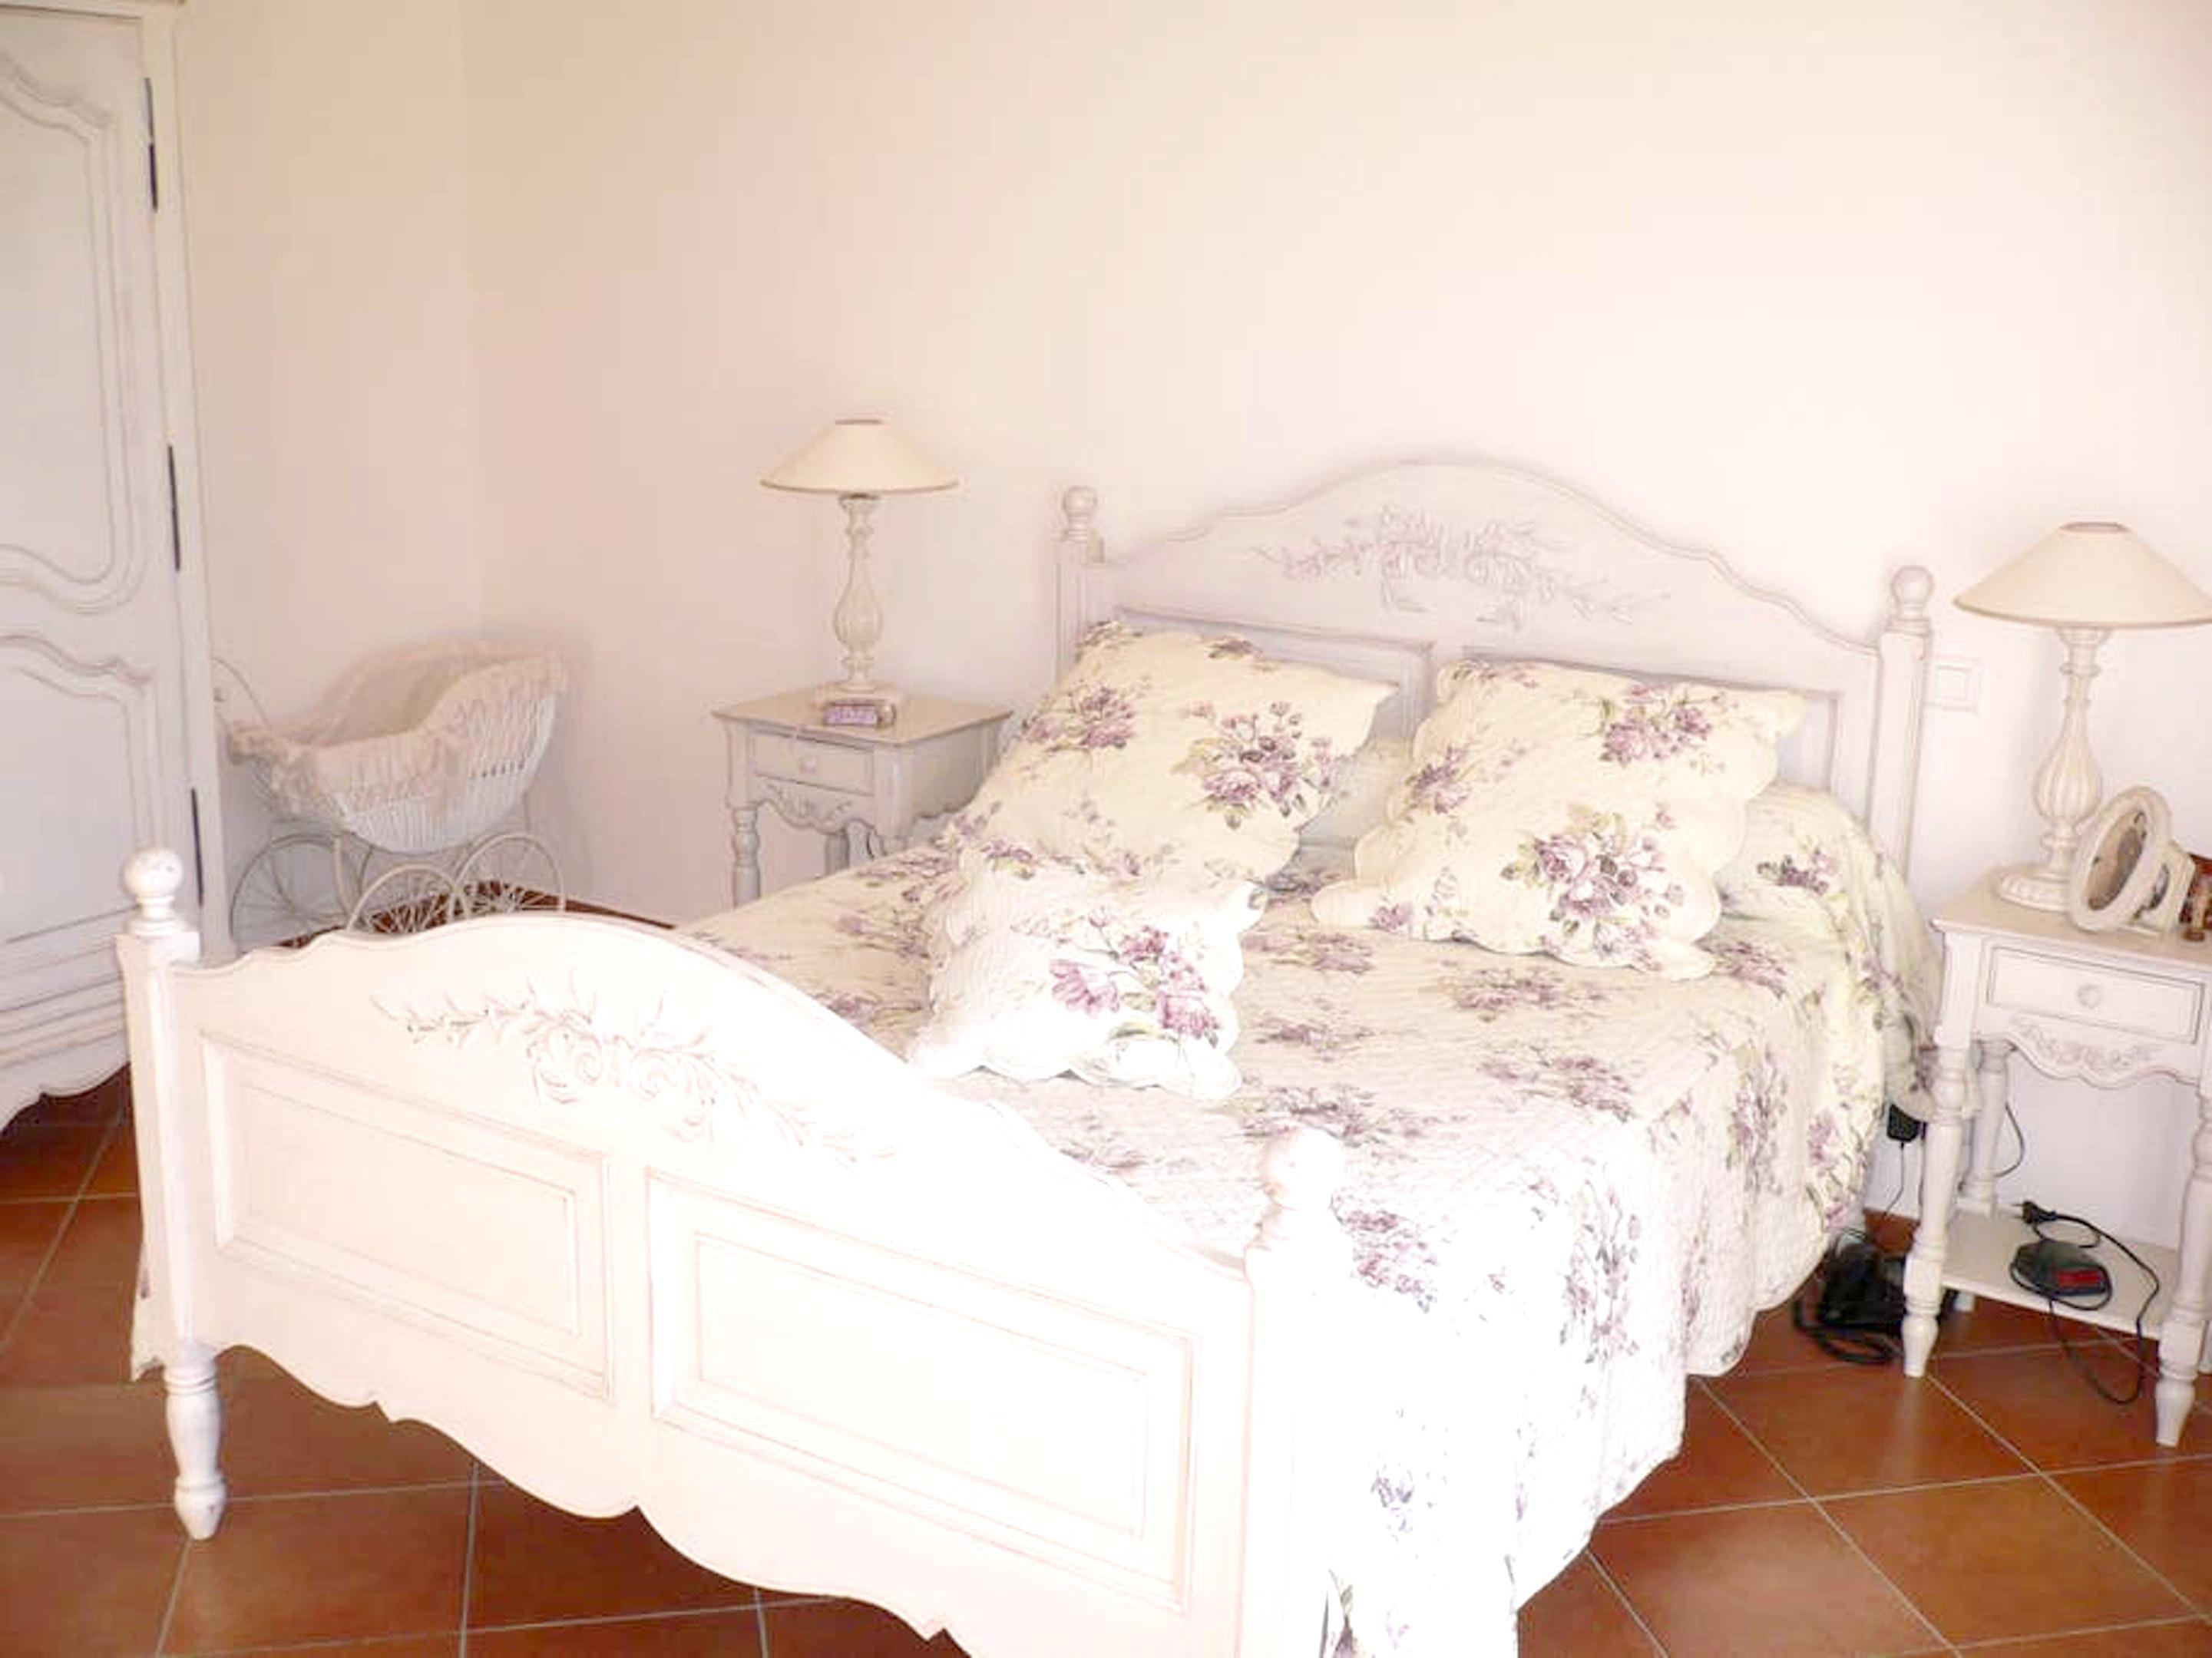 Ferienhaus Villa mit 4 Schlafzimmern in Lumio mit herrlichem Meerblick, privatem Pool, möbliertem Gar (2632533), Lumio, Nordkorsika, Korsika, Frankreich, Bild 4